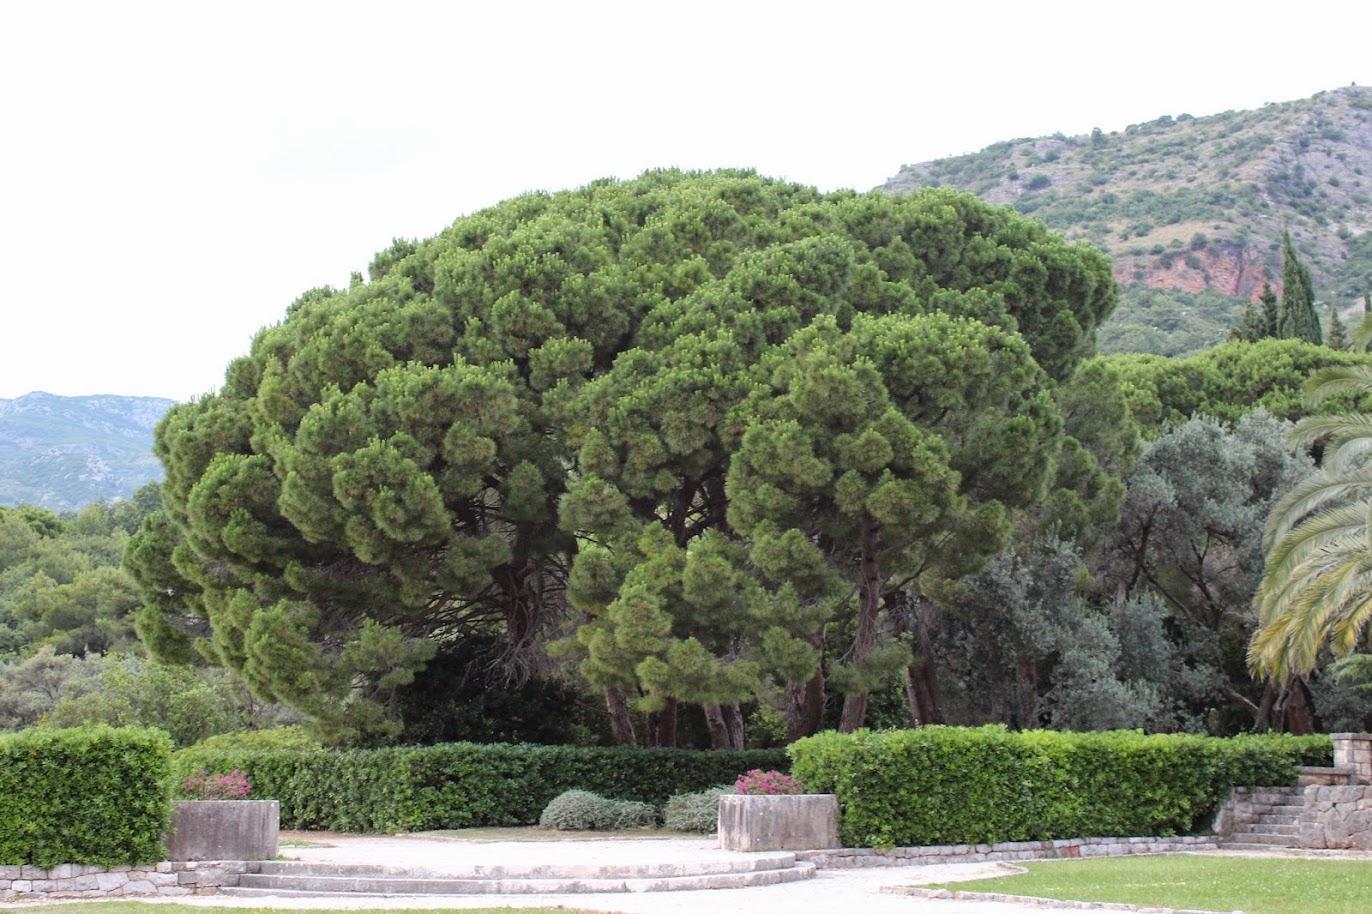 сосновые деревья в милочере